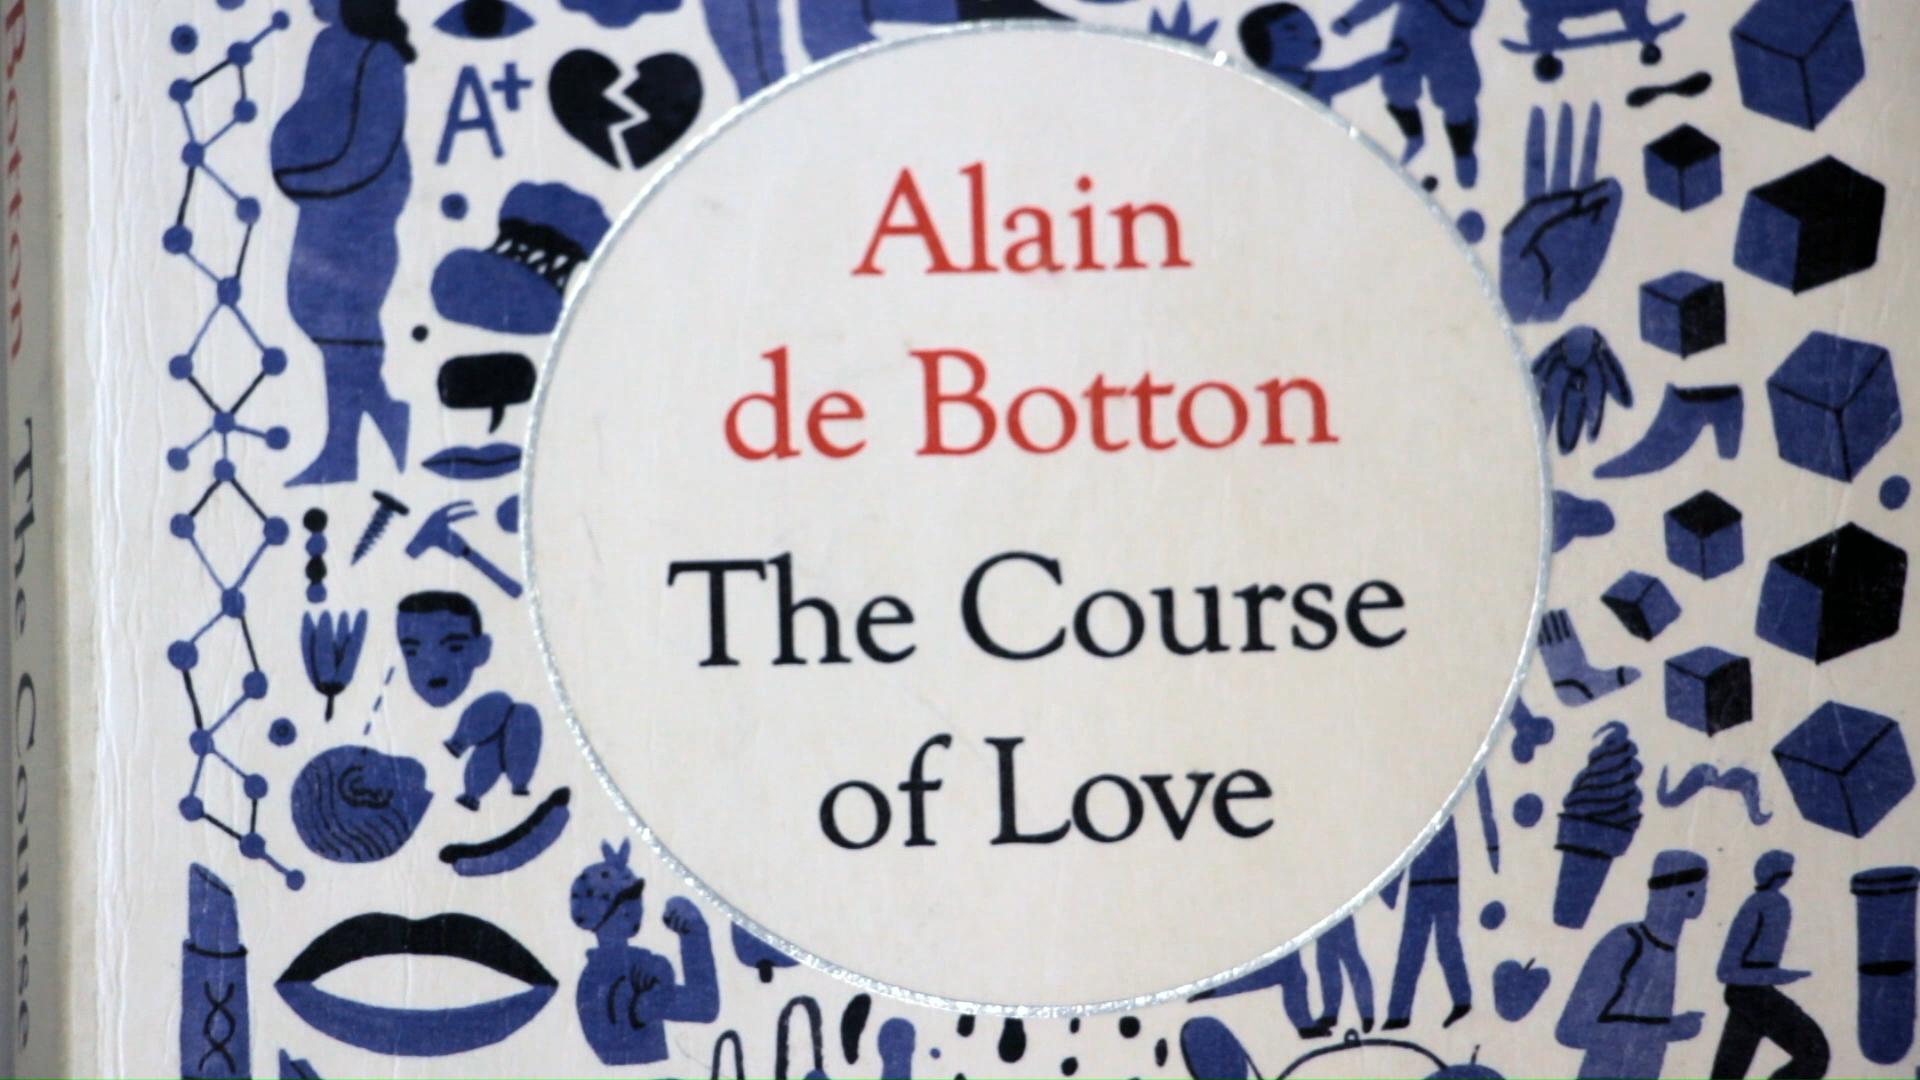 alain de botton the course of love